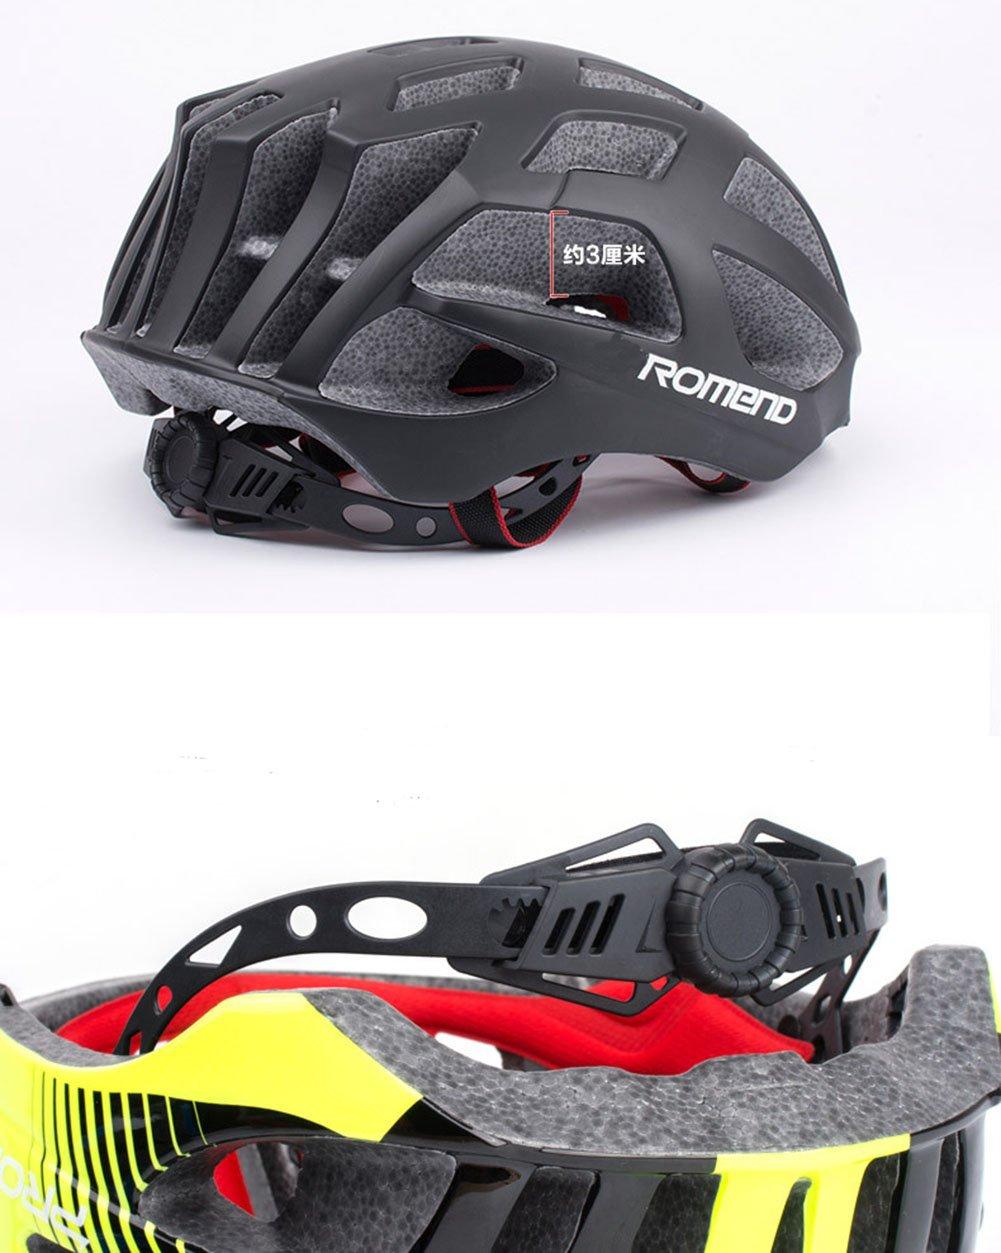 ROMEND Erwachsene Sport Einstellbare Helm Sicherheit CPSC - Zertifiziert - CPSC Stoß- Winddichtes Schutzausrüstung Für Skifahren, Snowboarden, Motorrad Radfahren Und Motorschlitten Leichte, Atmungsaktiv 3a92df